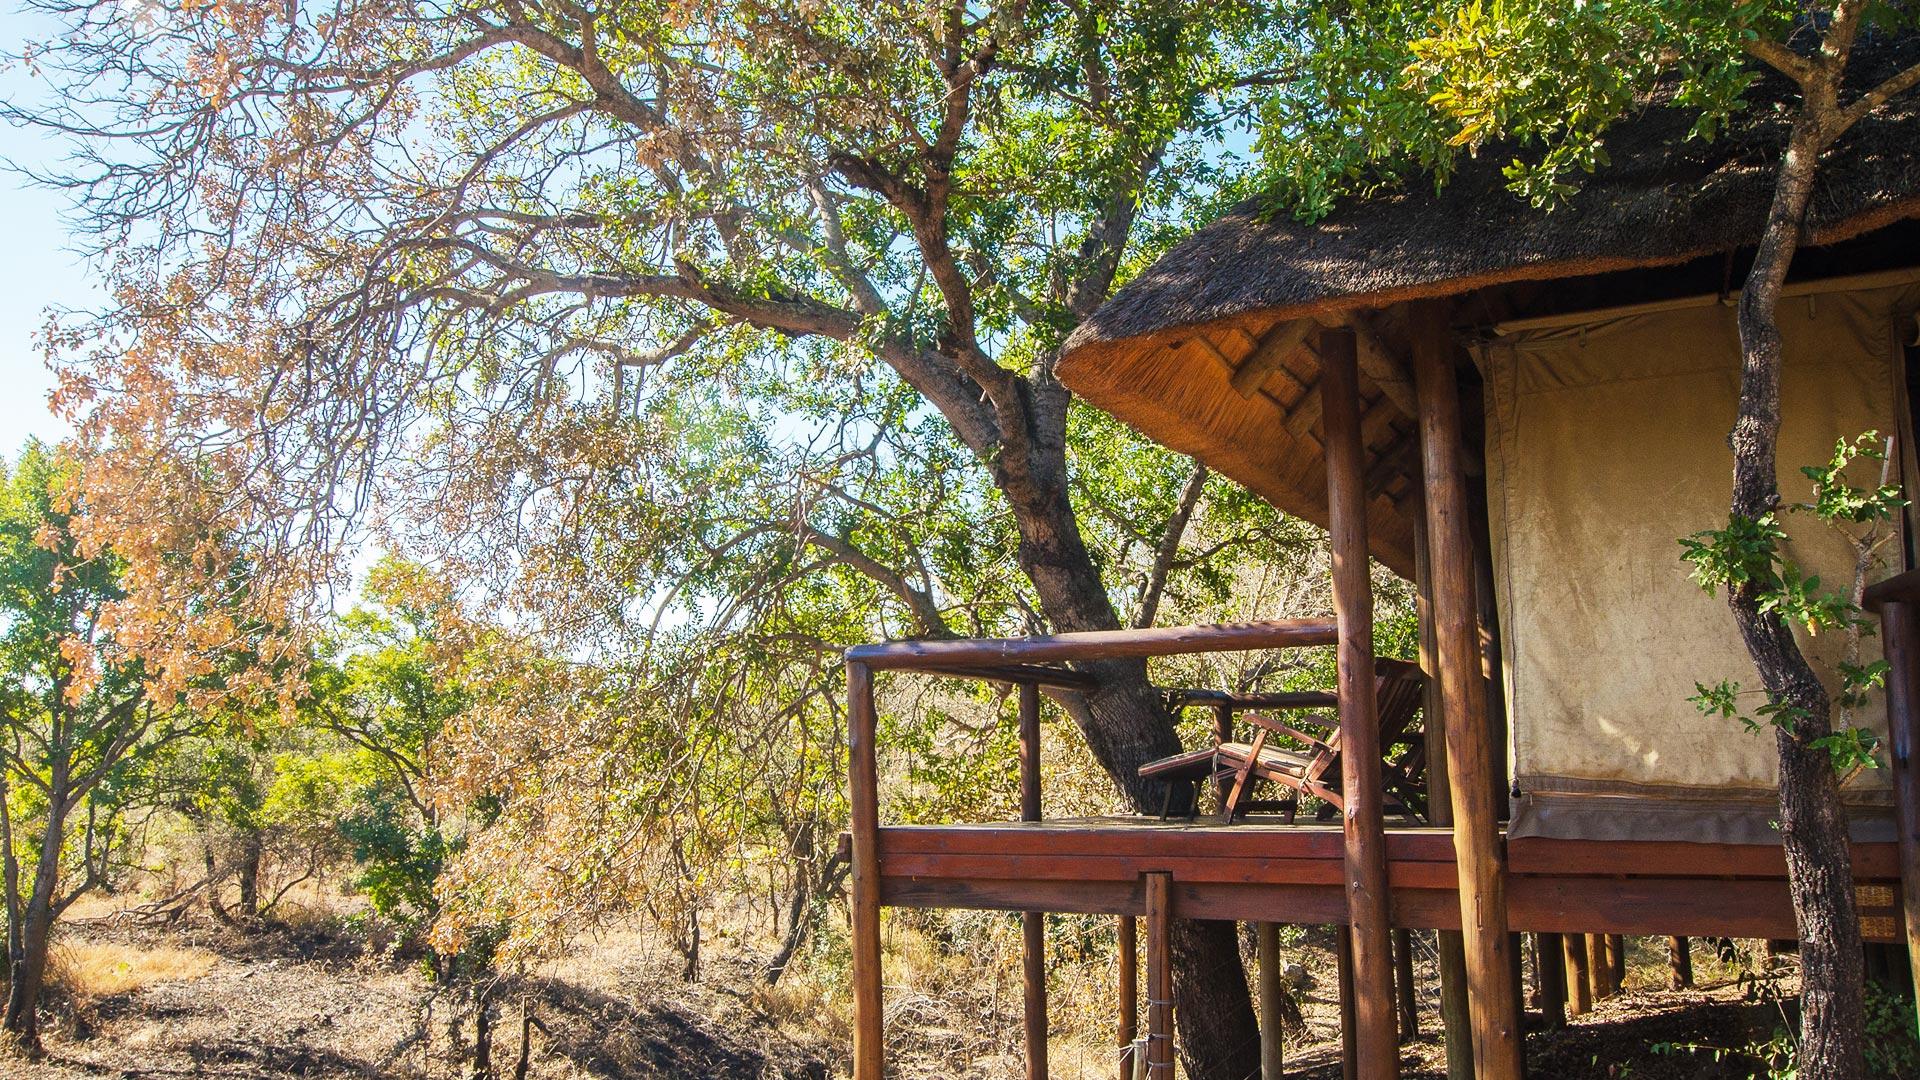 Camp Shonga